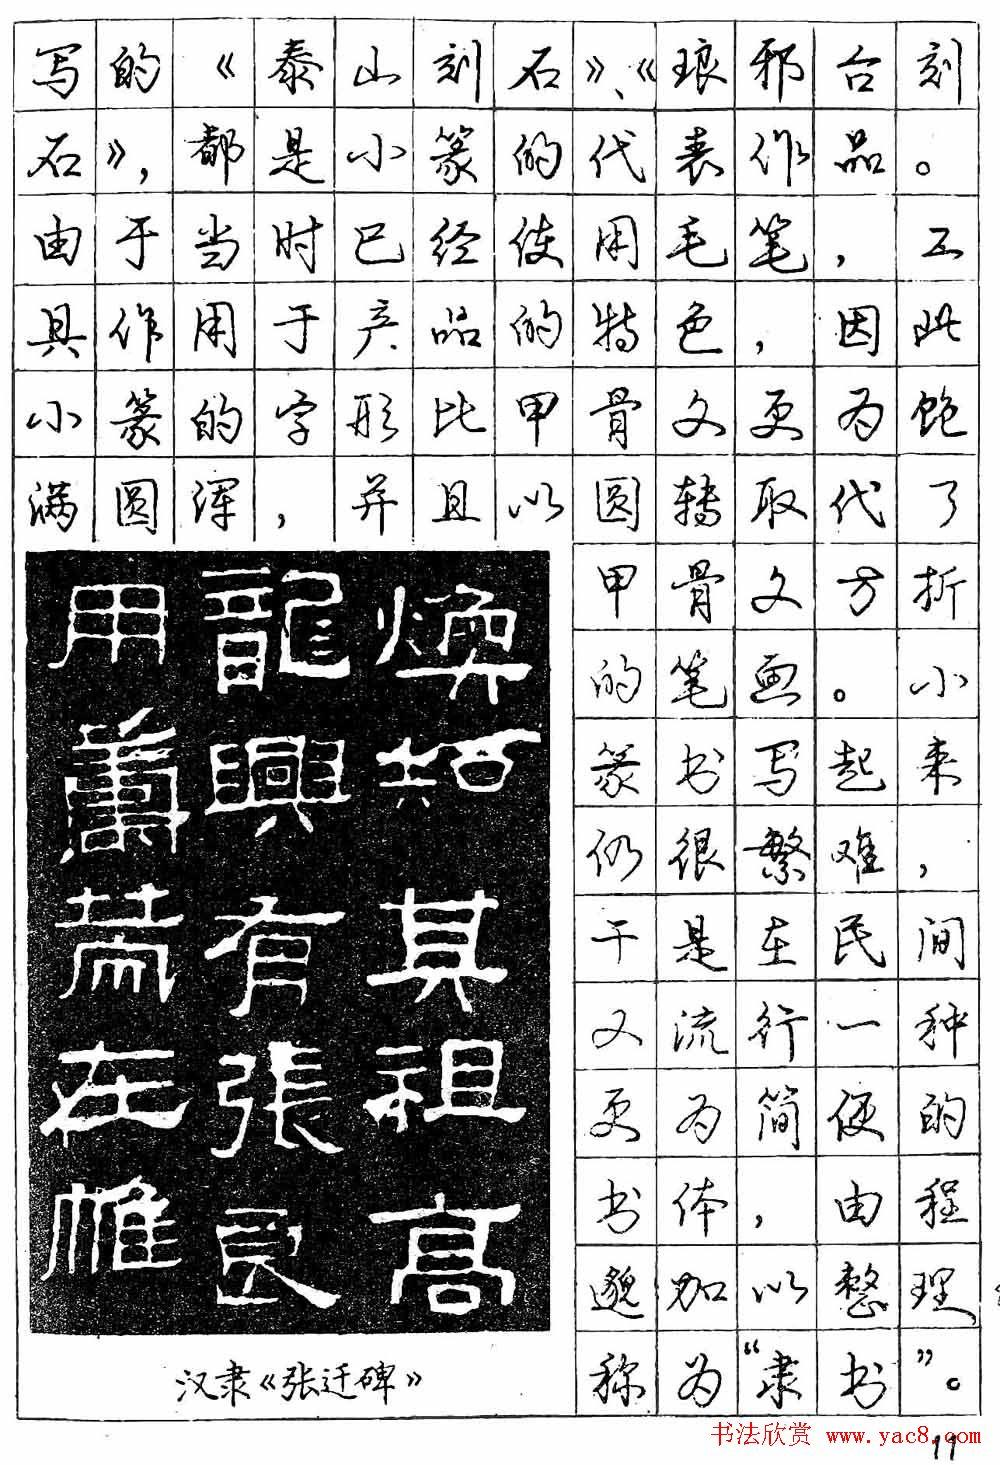 庞中华字帖《怎样练习钢笔行书字》